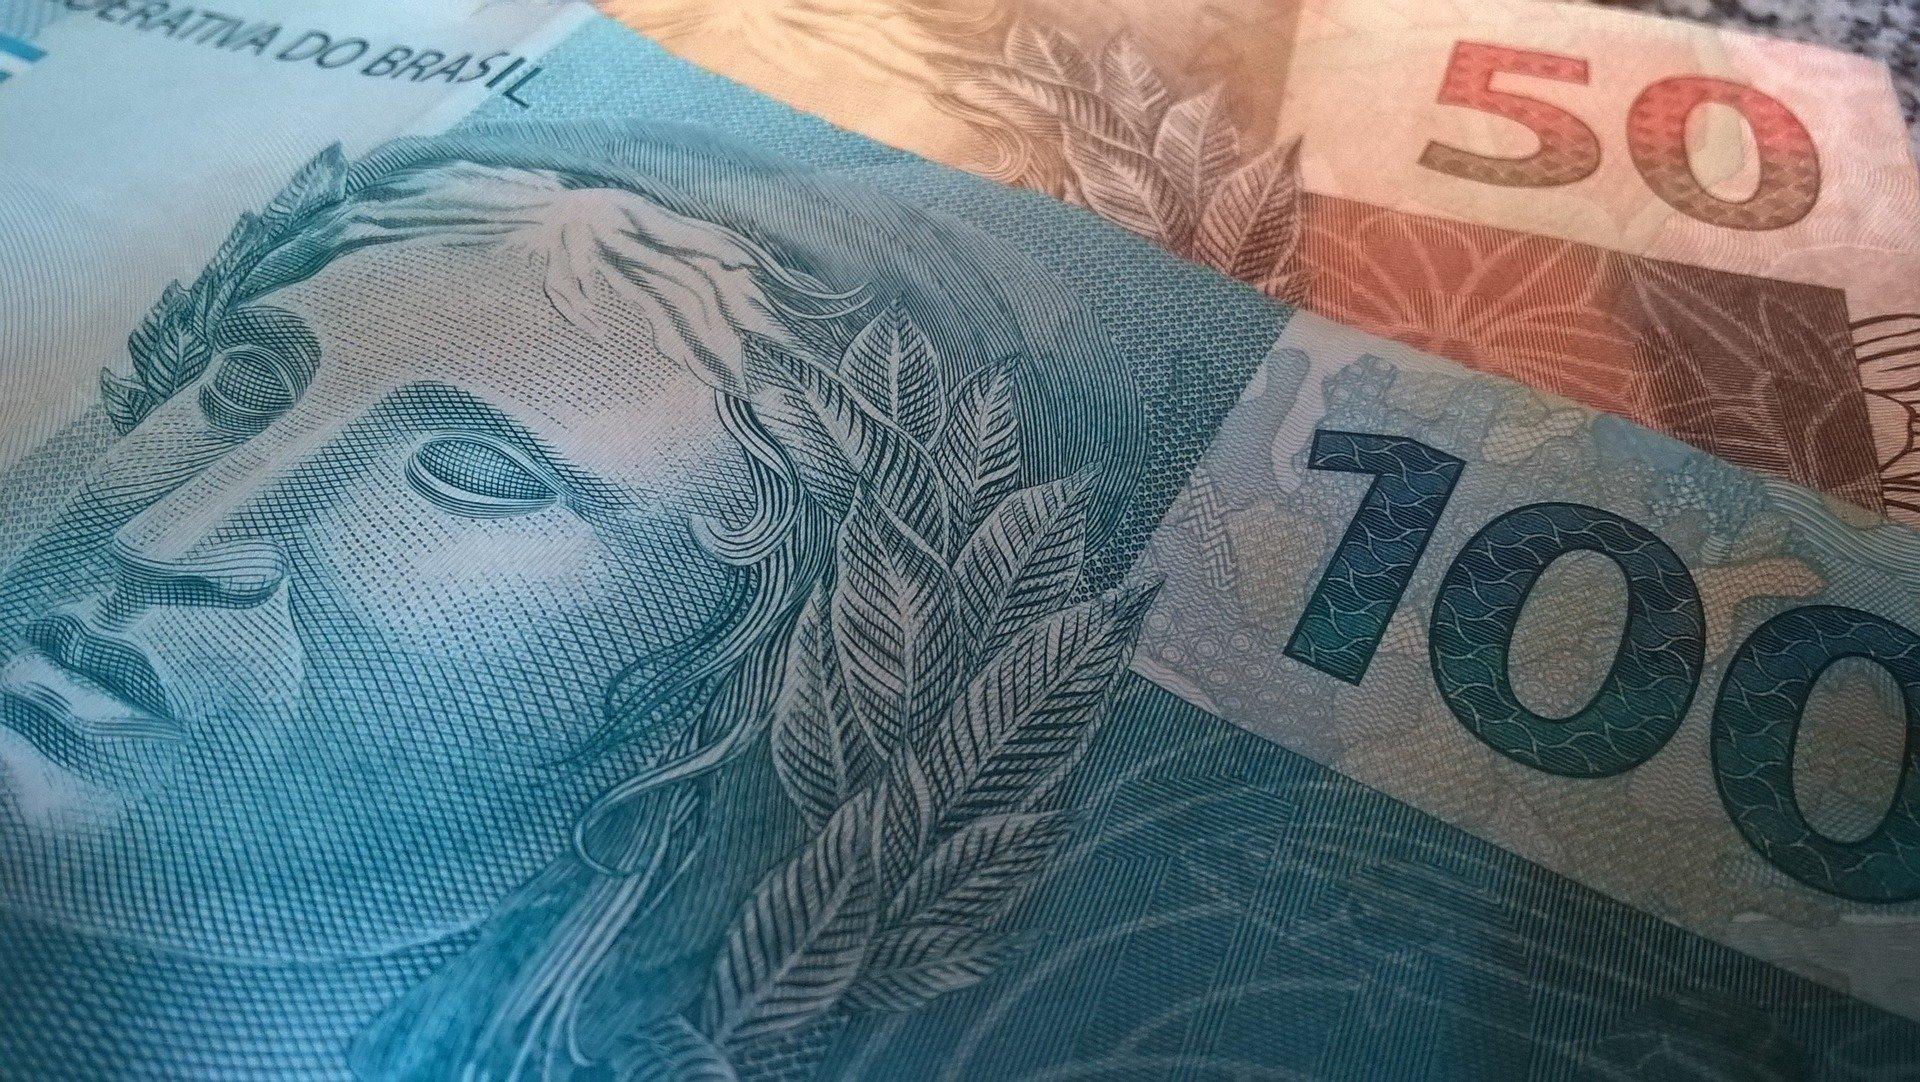 cédula de 100 reais sobre outra cédula de 50 reais